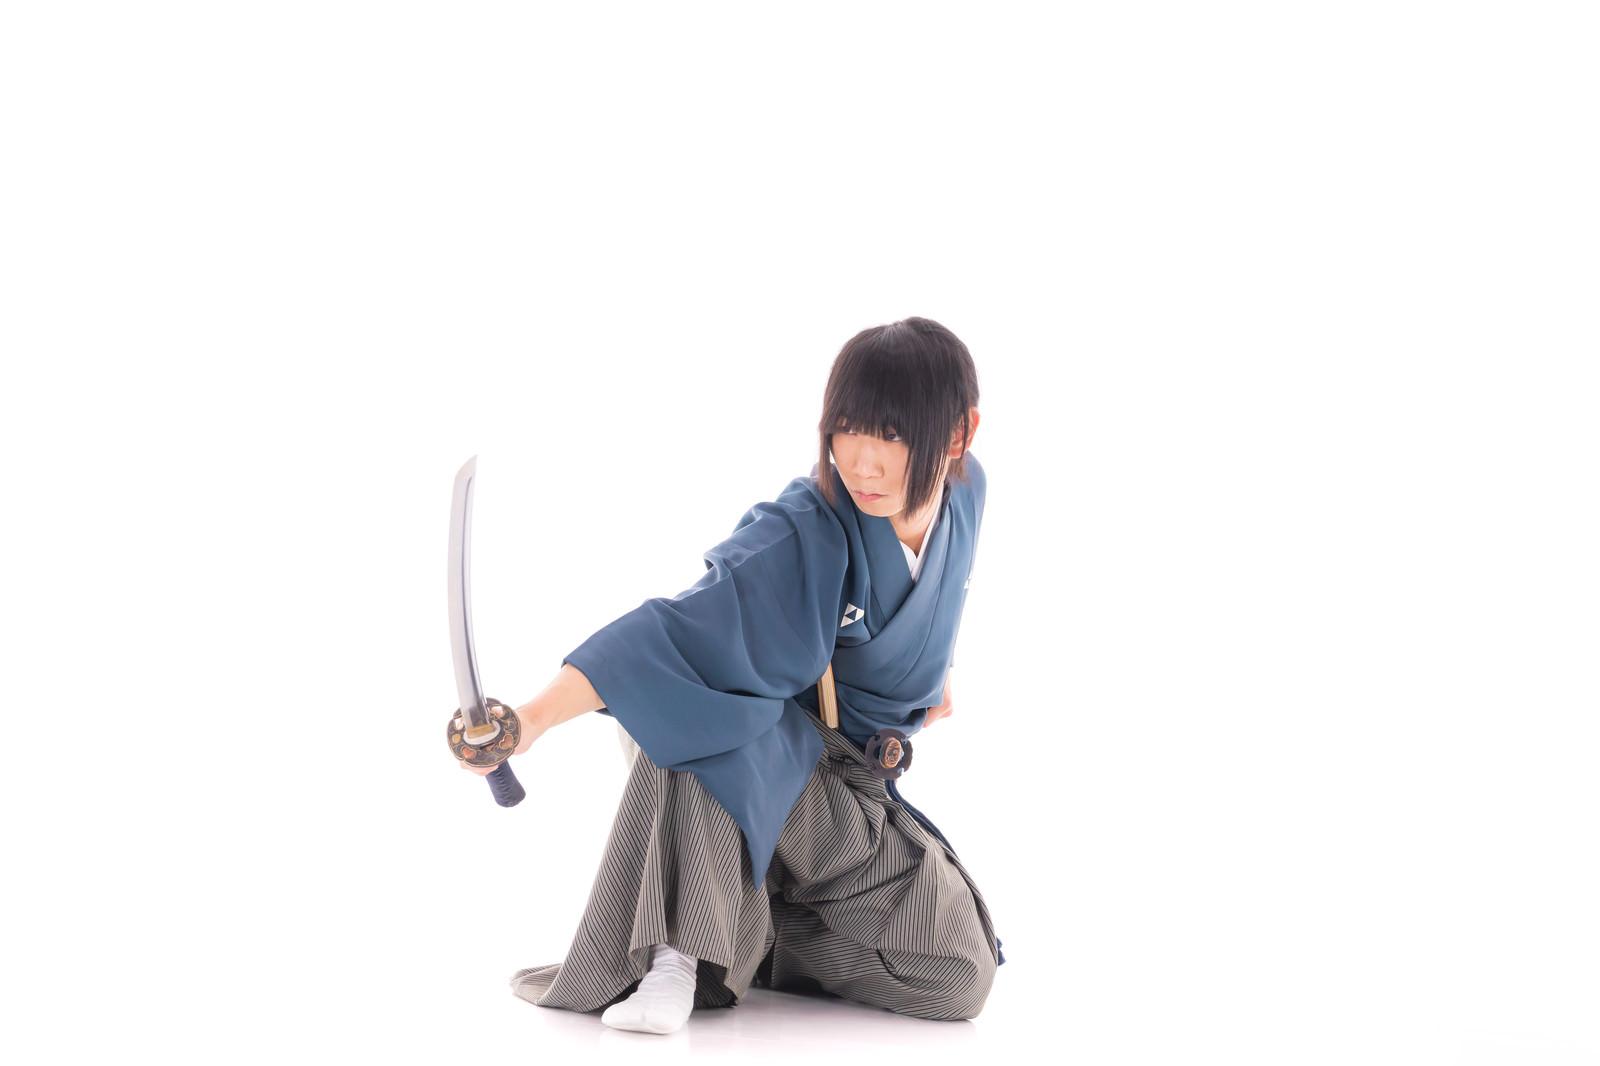 「打刀を構える侍」の写真[モデル:まーこ]